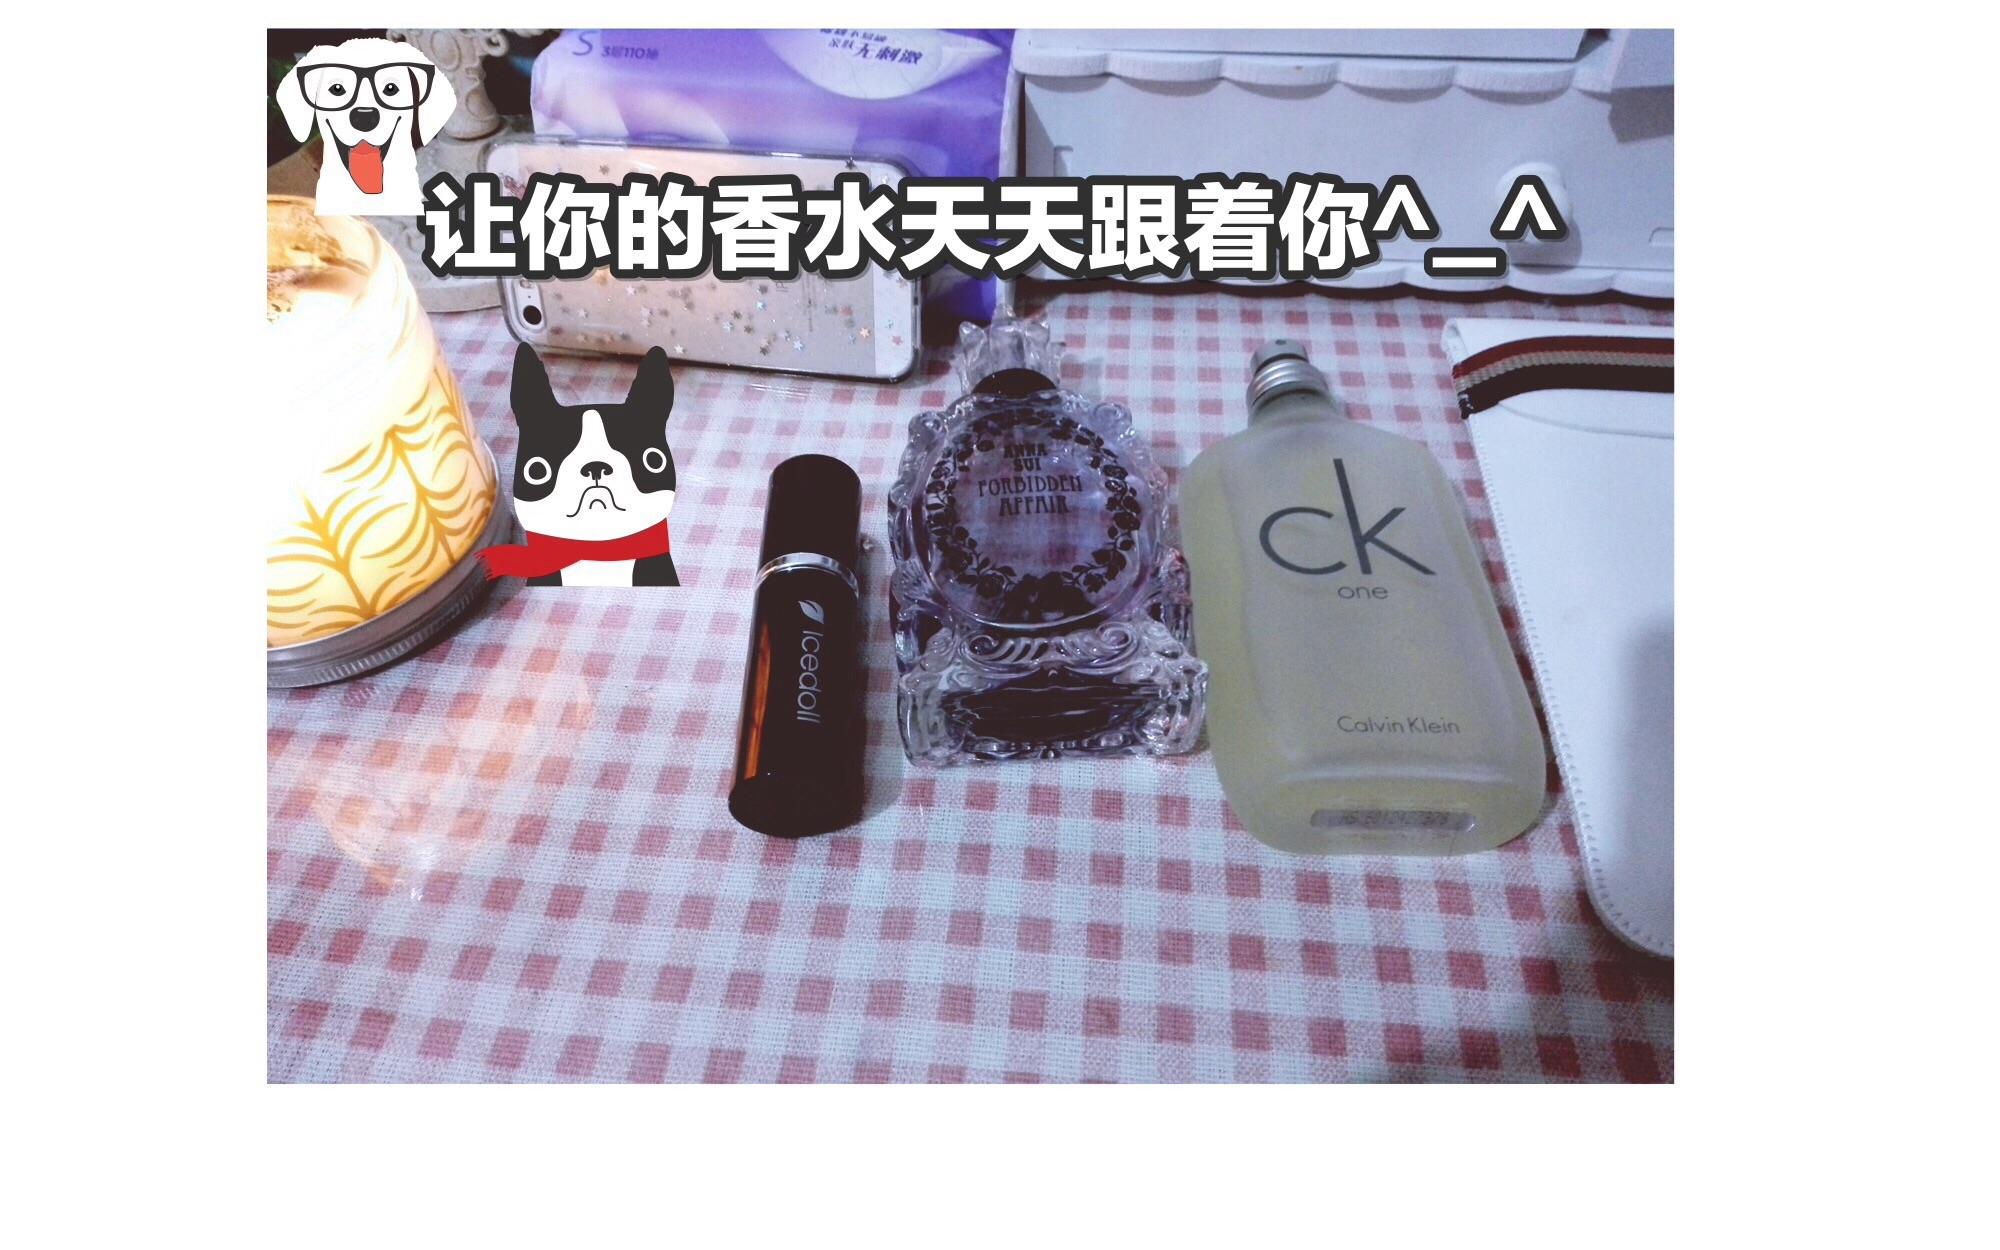 【奔跑的太阳花】将你的香水随身携带/ck中性香示范